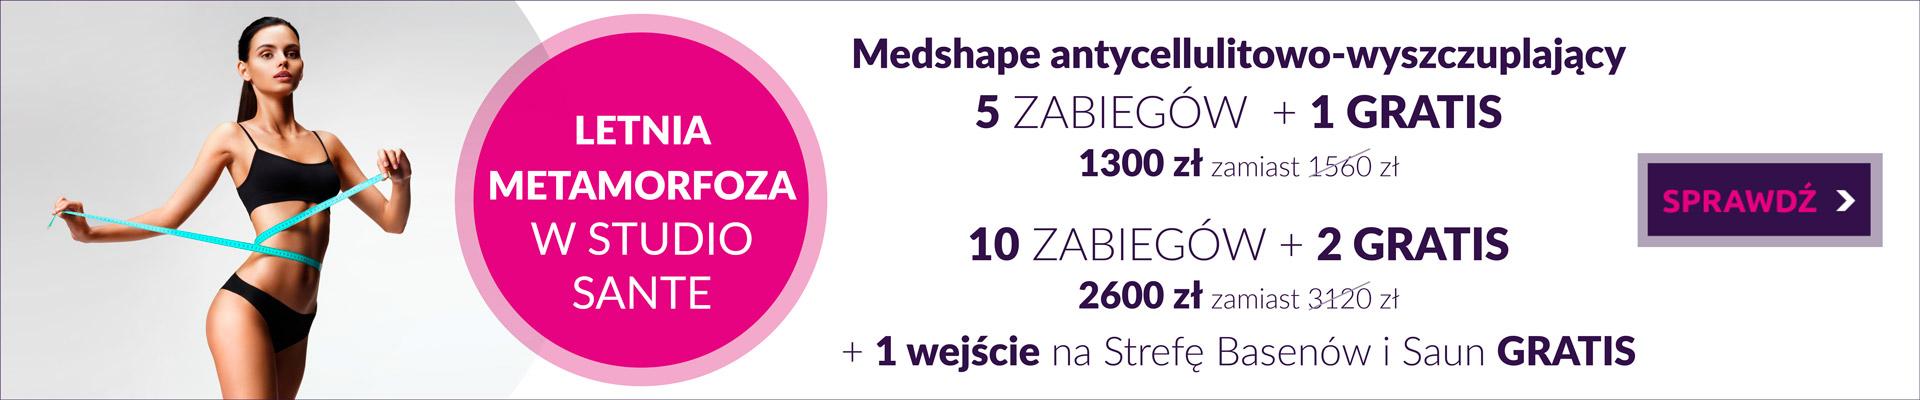 Medshape_Antycellulitowy_PROMOCJA